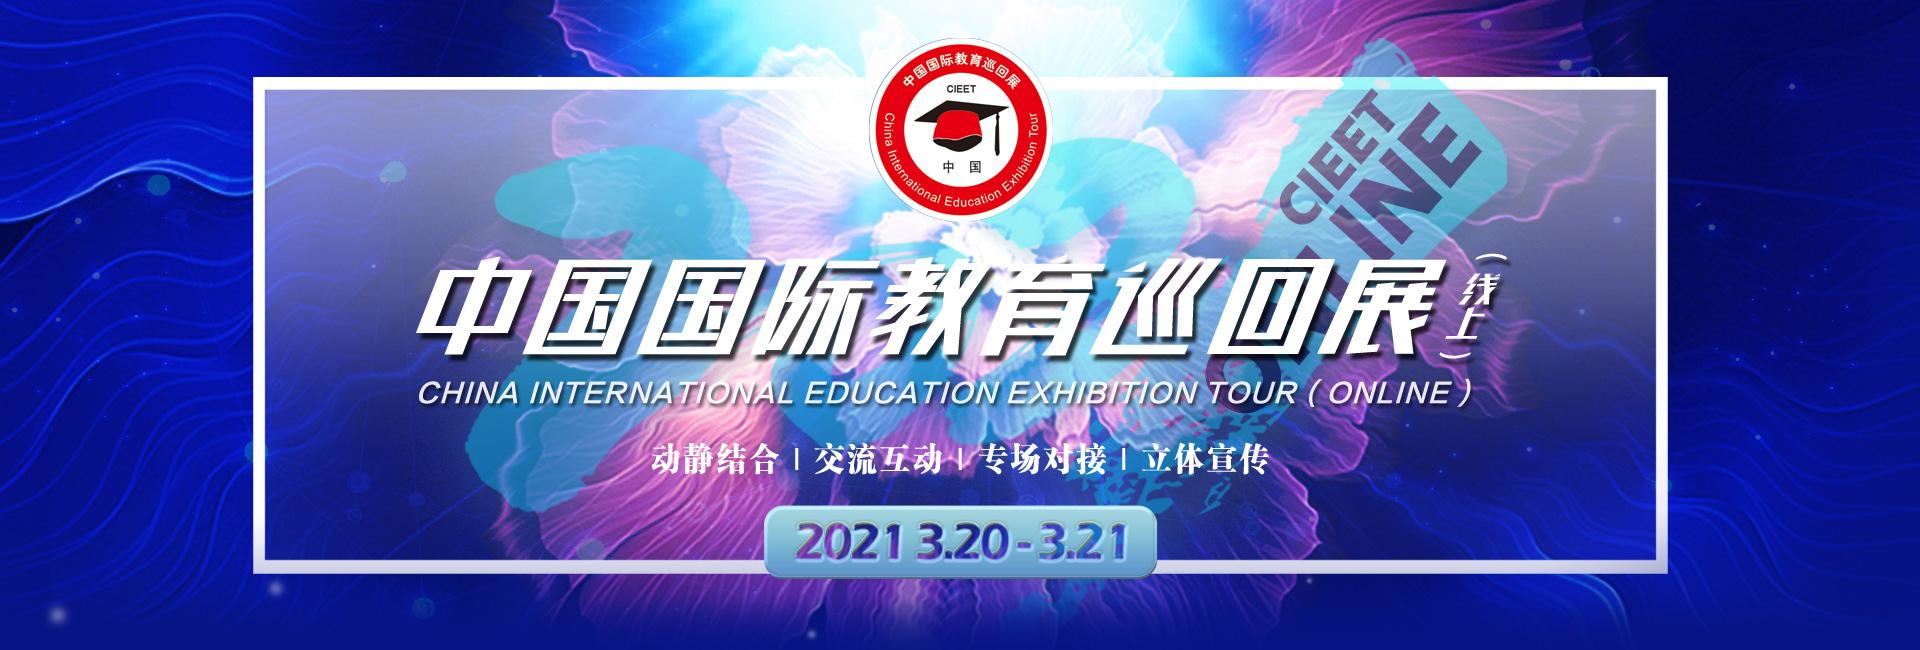 菲律宾高校首次参加中国国际教育巡回展